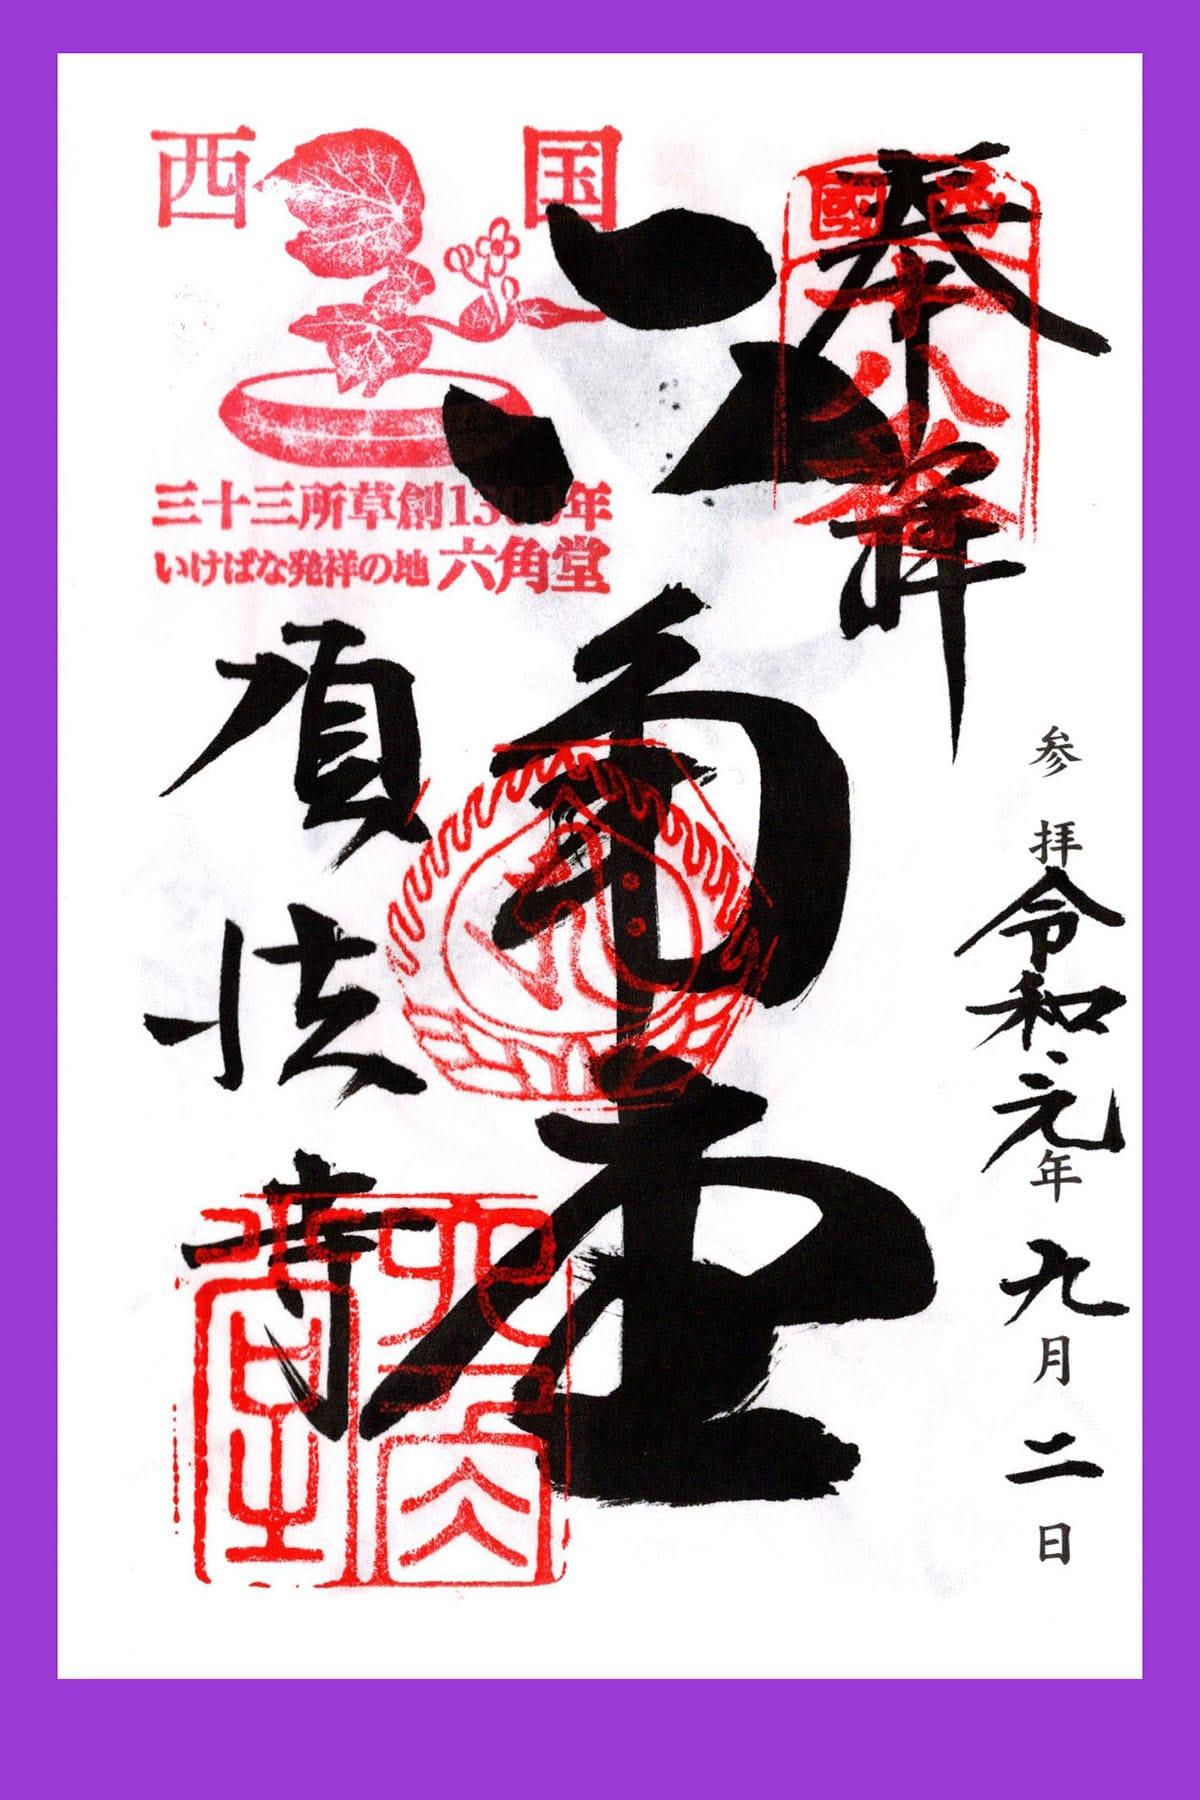 西国札所 第18番【紫雲山・頂法寺(六角堂)】